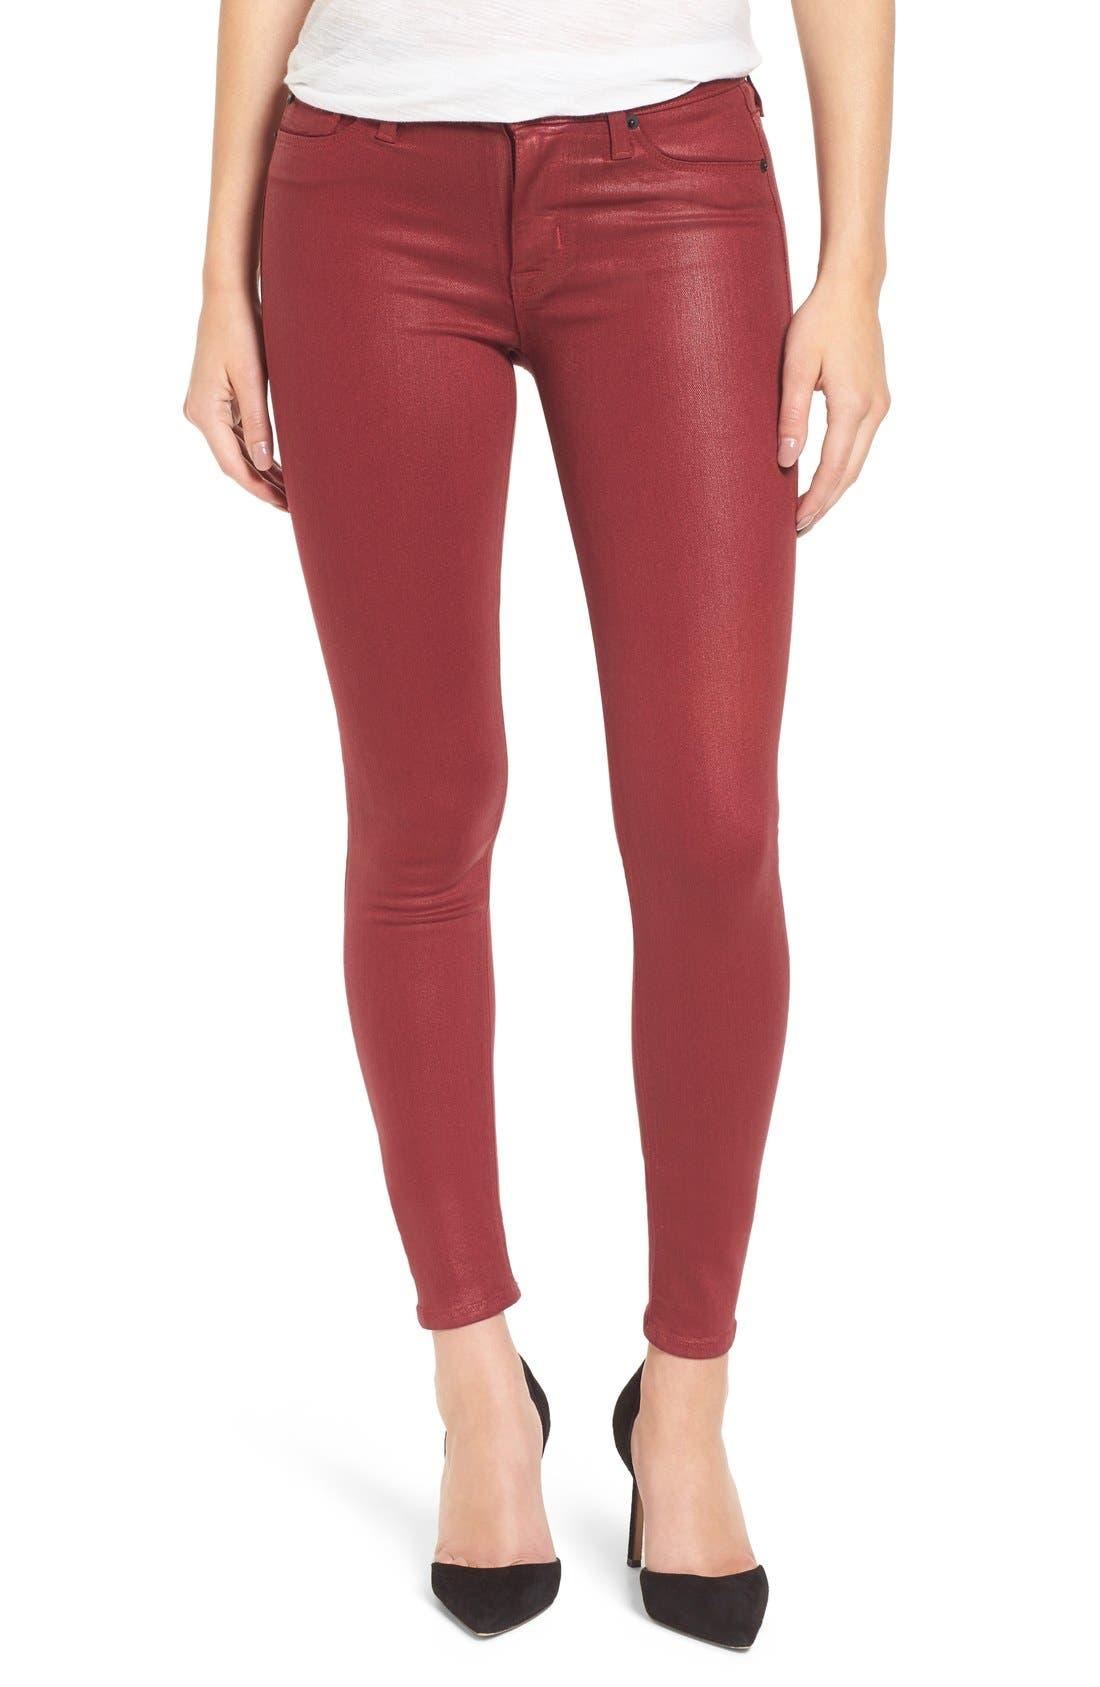 Alternate Image 1 Selected - HudsonJeans Coated Super Skinny Jeans